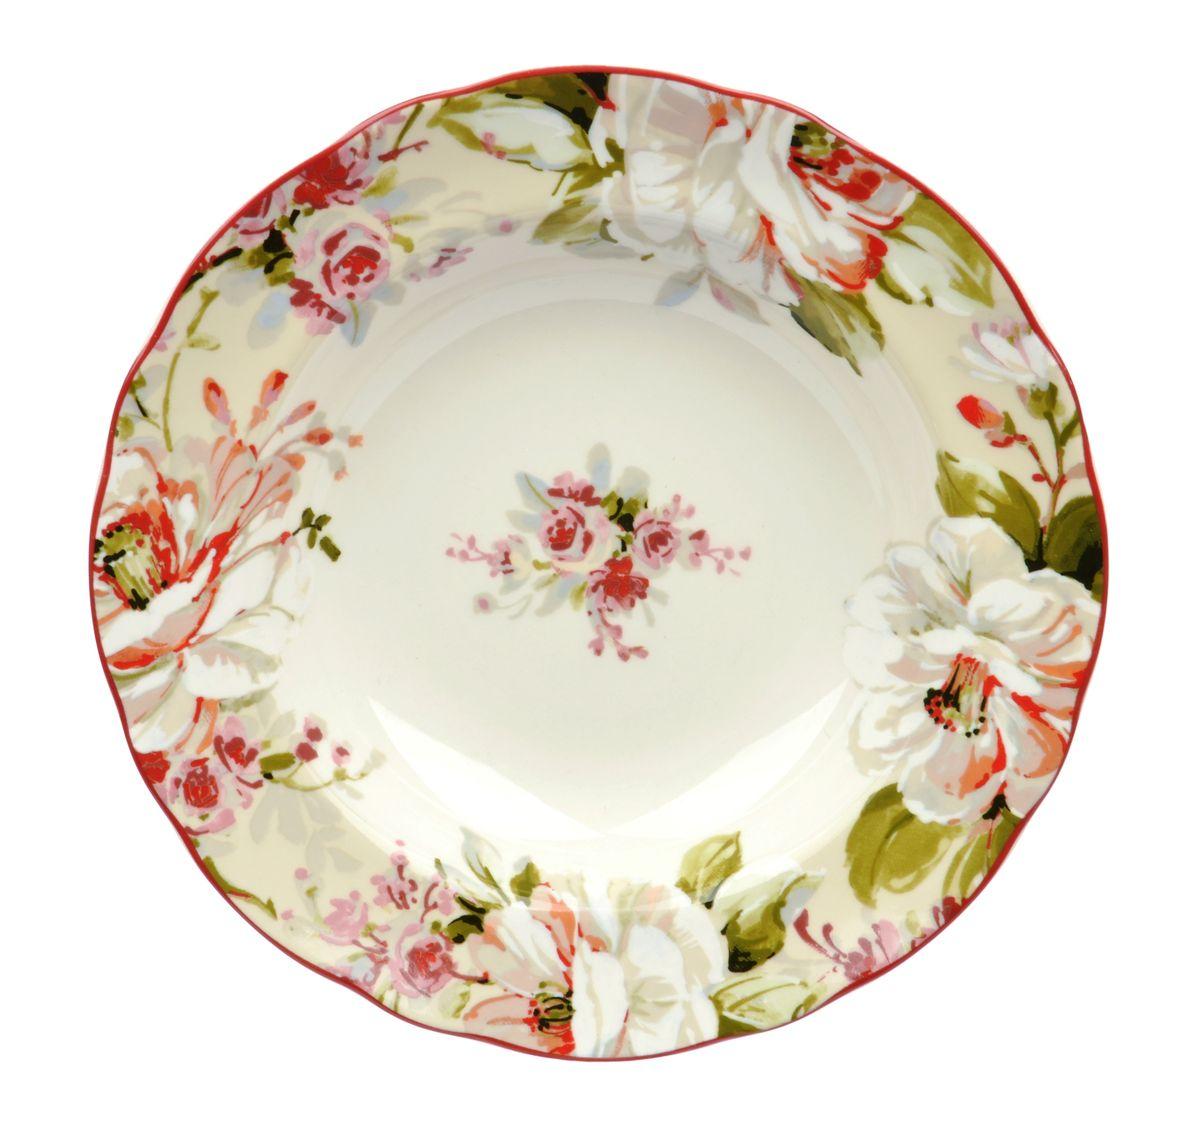 Тарелка глубокая Utana Эмилия, диаметр 22,5 смUTEM97920Тарелка Utana Эмилия изготовлена из высококачественной керамики. Предназначена для подачи супа или салата. Изделие декорировано оригинальным орнаментом. Такая тарелка украсит сервировку стола и подчеркнет прекрасный вкус хозяйки. Можно мыть в посудомоечной машине и использовать в СВЧ. Диаметр: 22,5 см. Высота: 4,5 см.